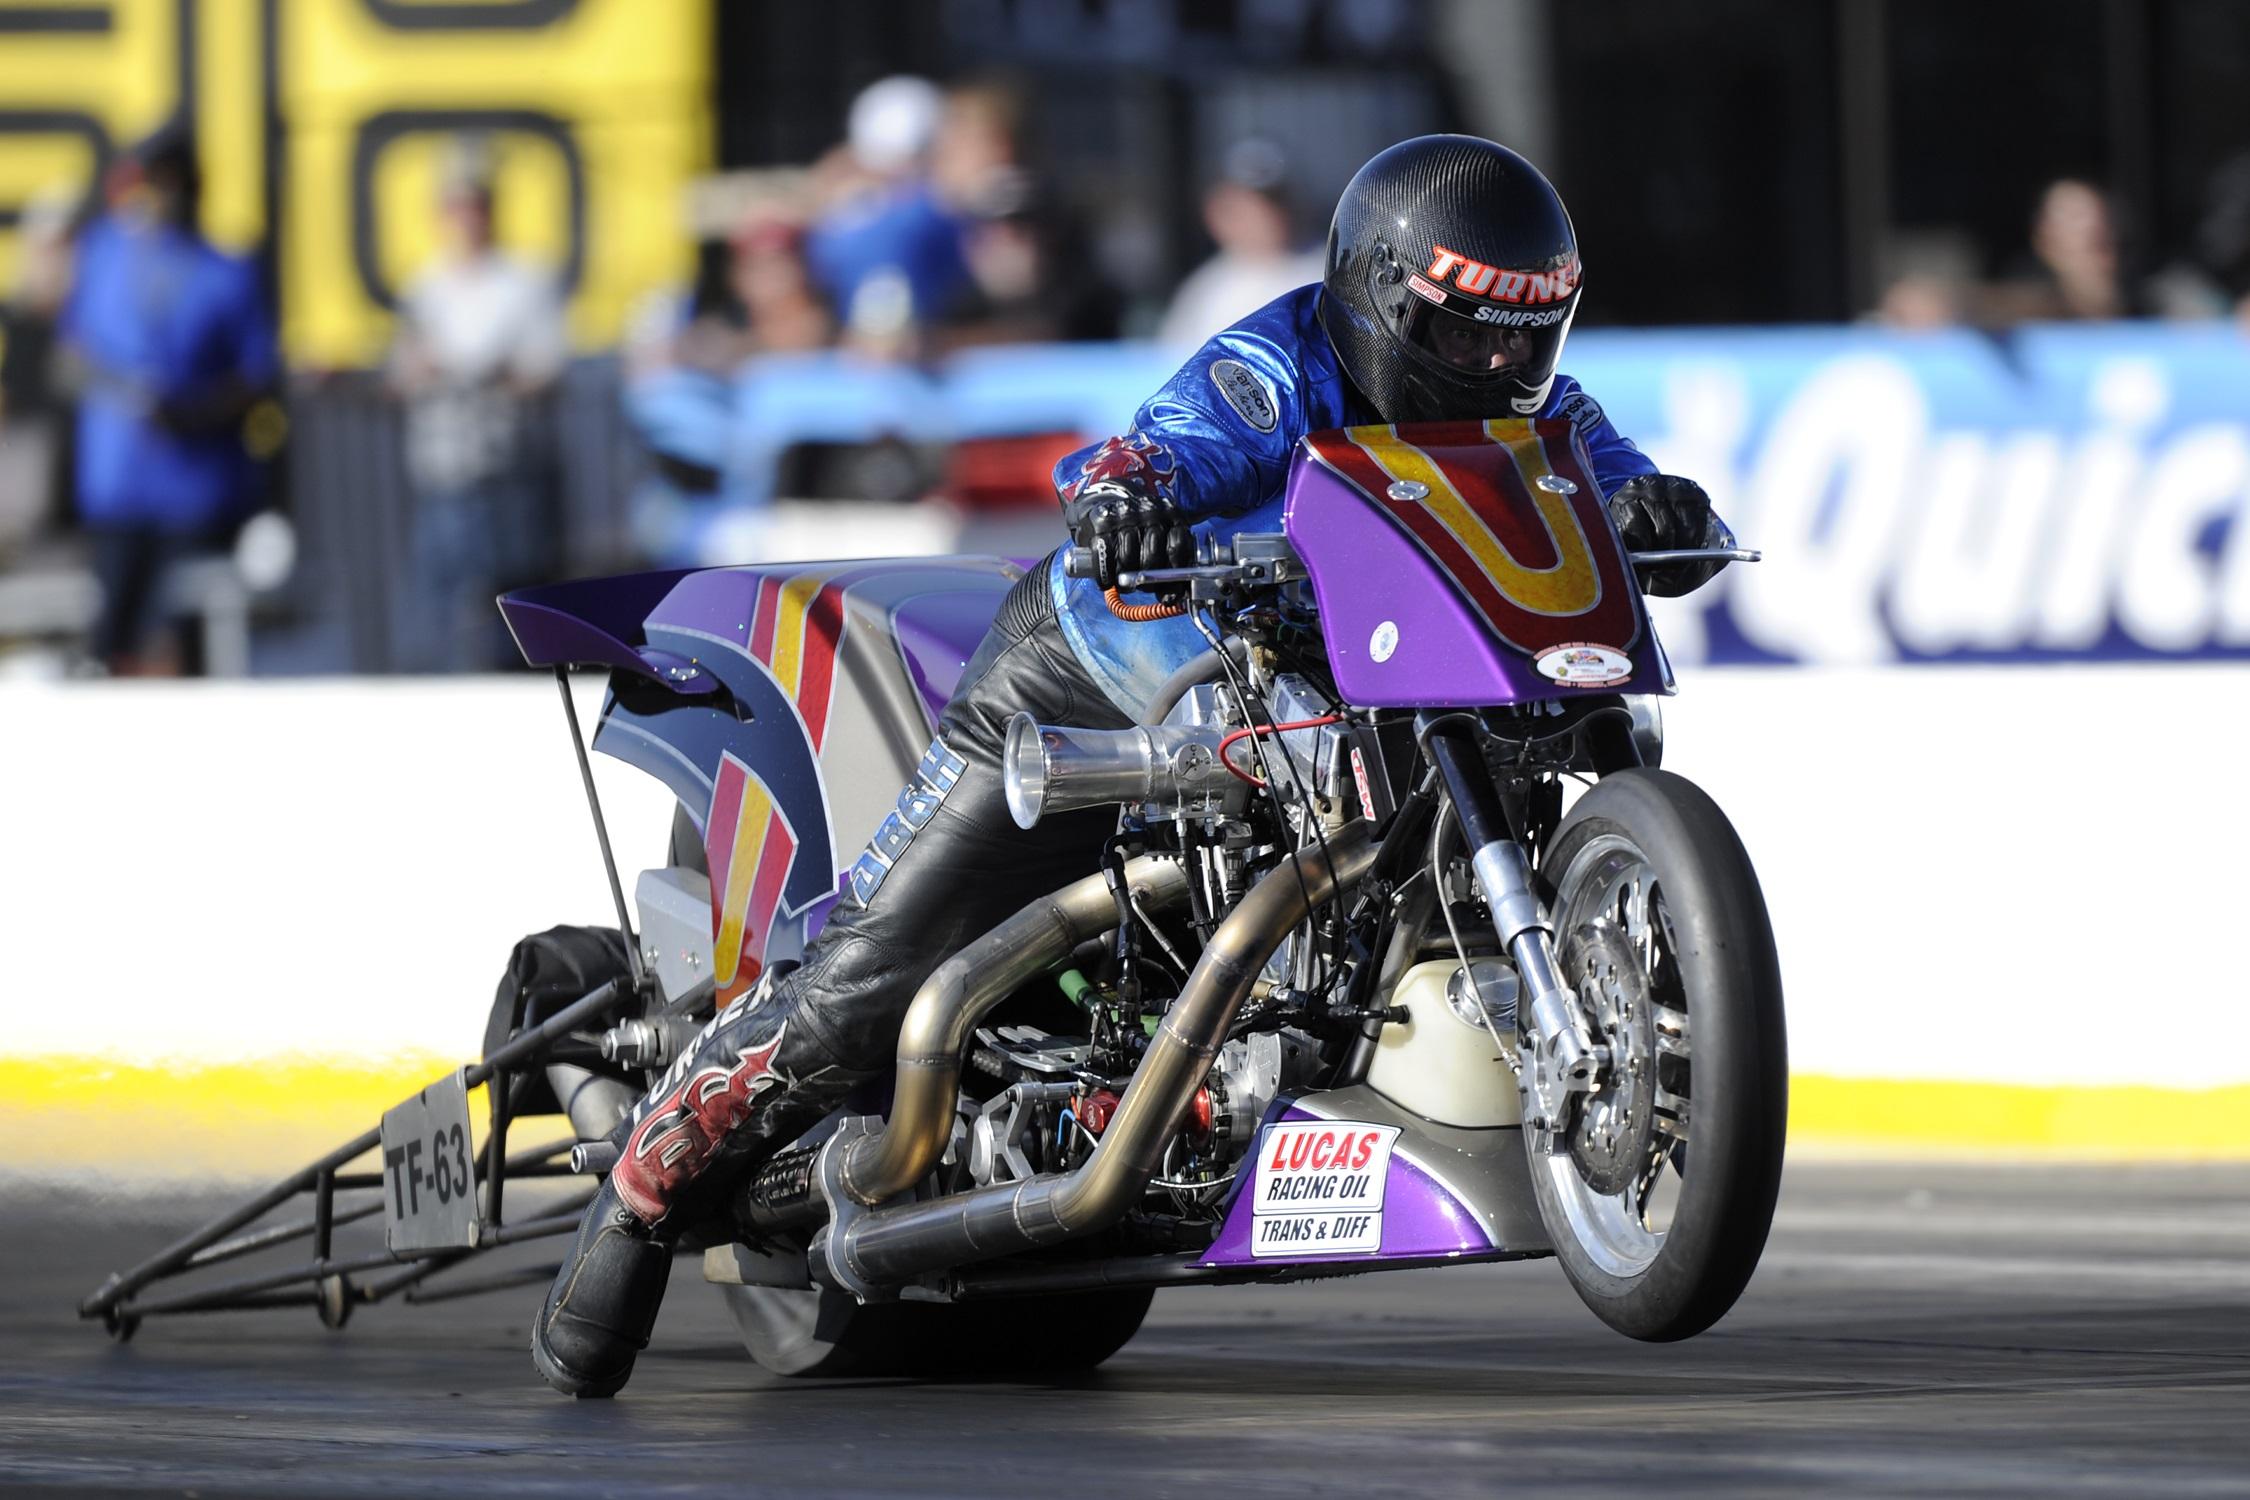 Las Vegas Drag Racing >> Top Fuel Harley added to NHRA Vegas Race in April ...